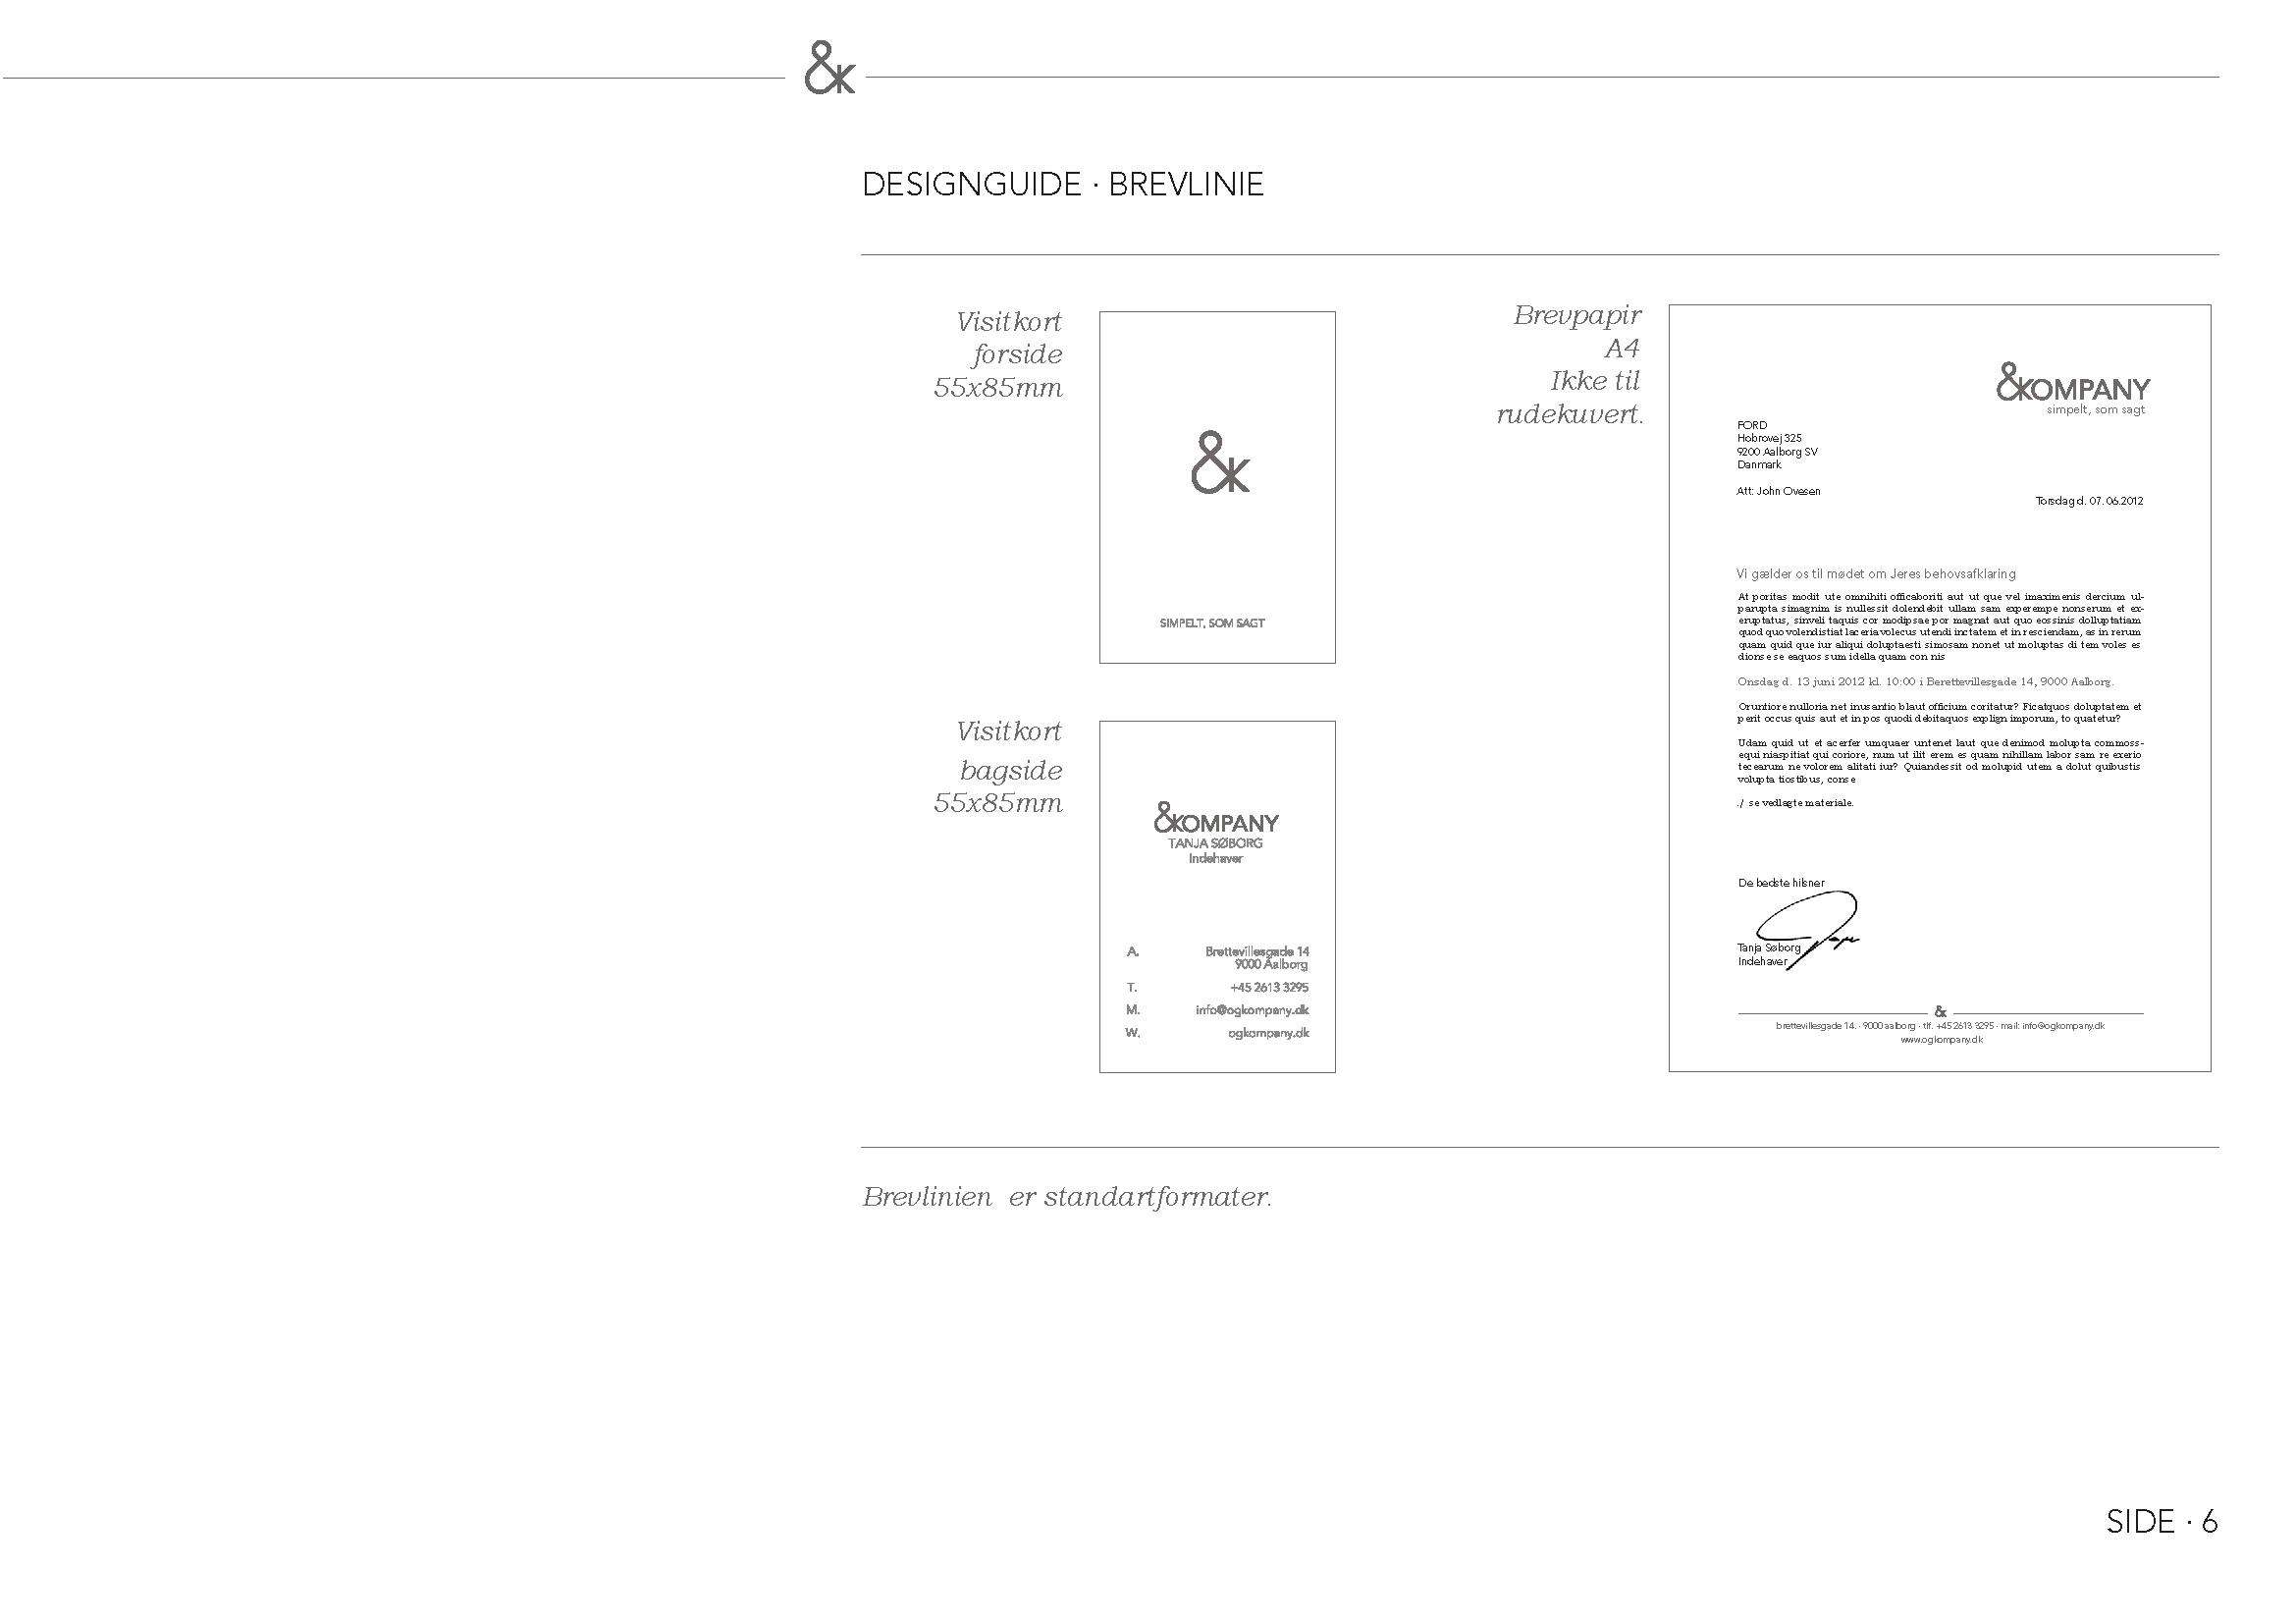 Designguide_Side_06.png